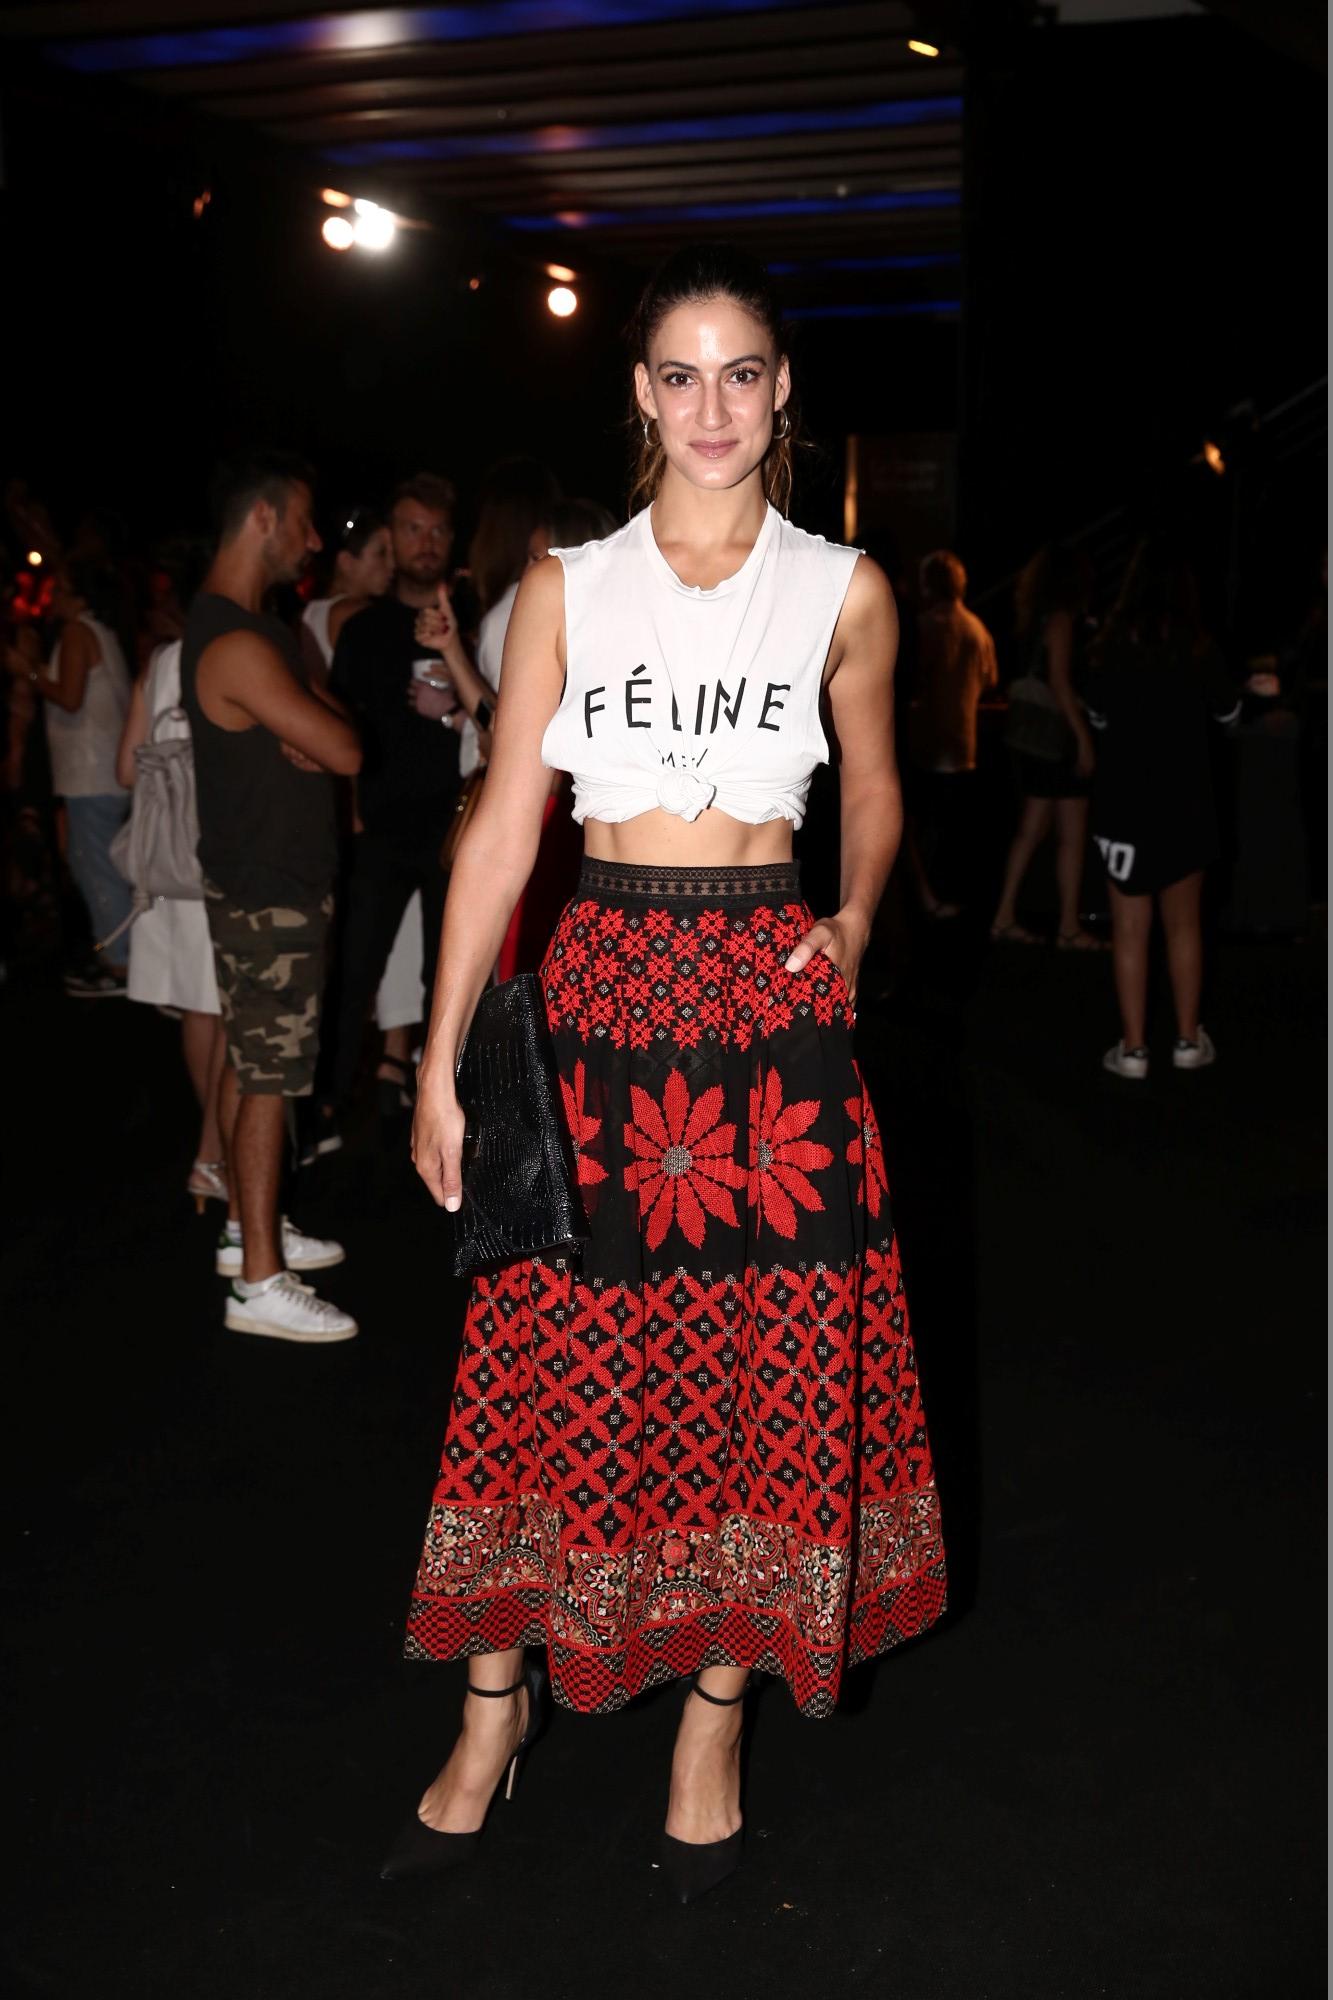 בסטייל השטיח האדום... תצוגת האופנה מבית רנואר לסתיו חורף הבאים צילום אלירן אביטל